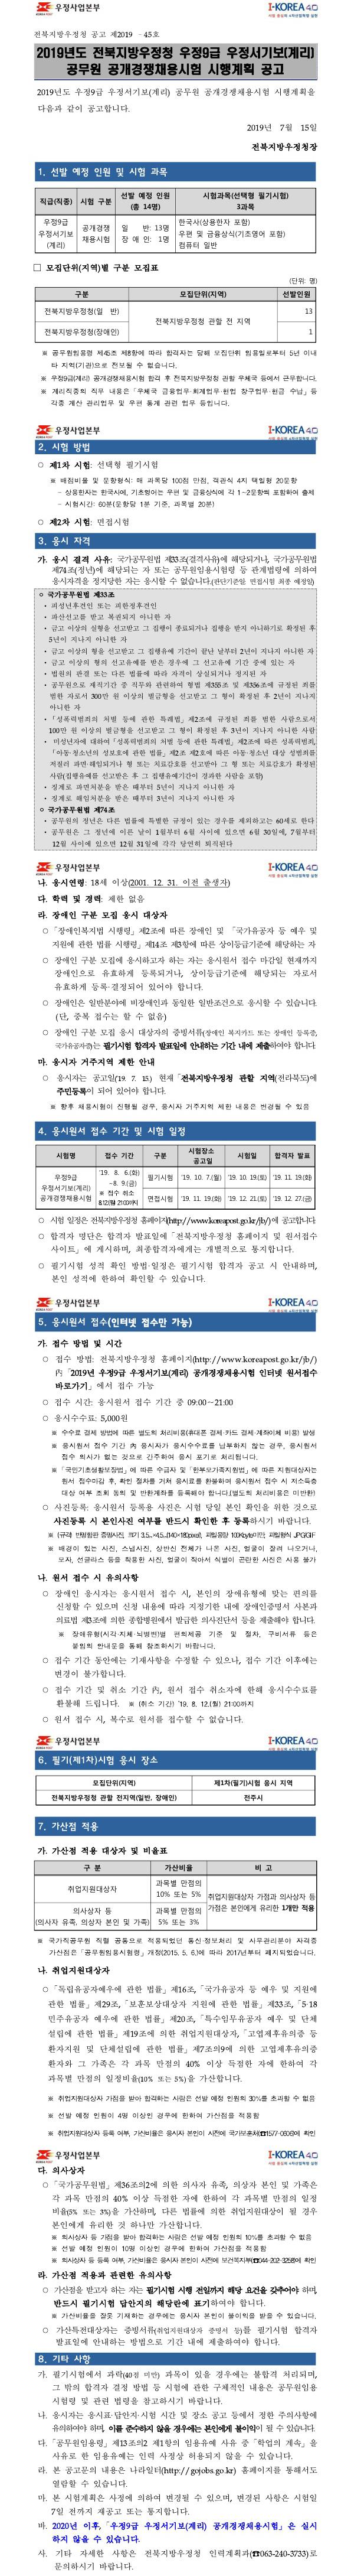 190715_전북지방우정청_공고문.jpg